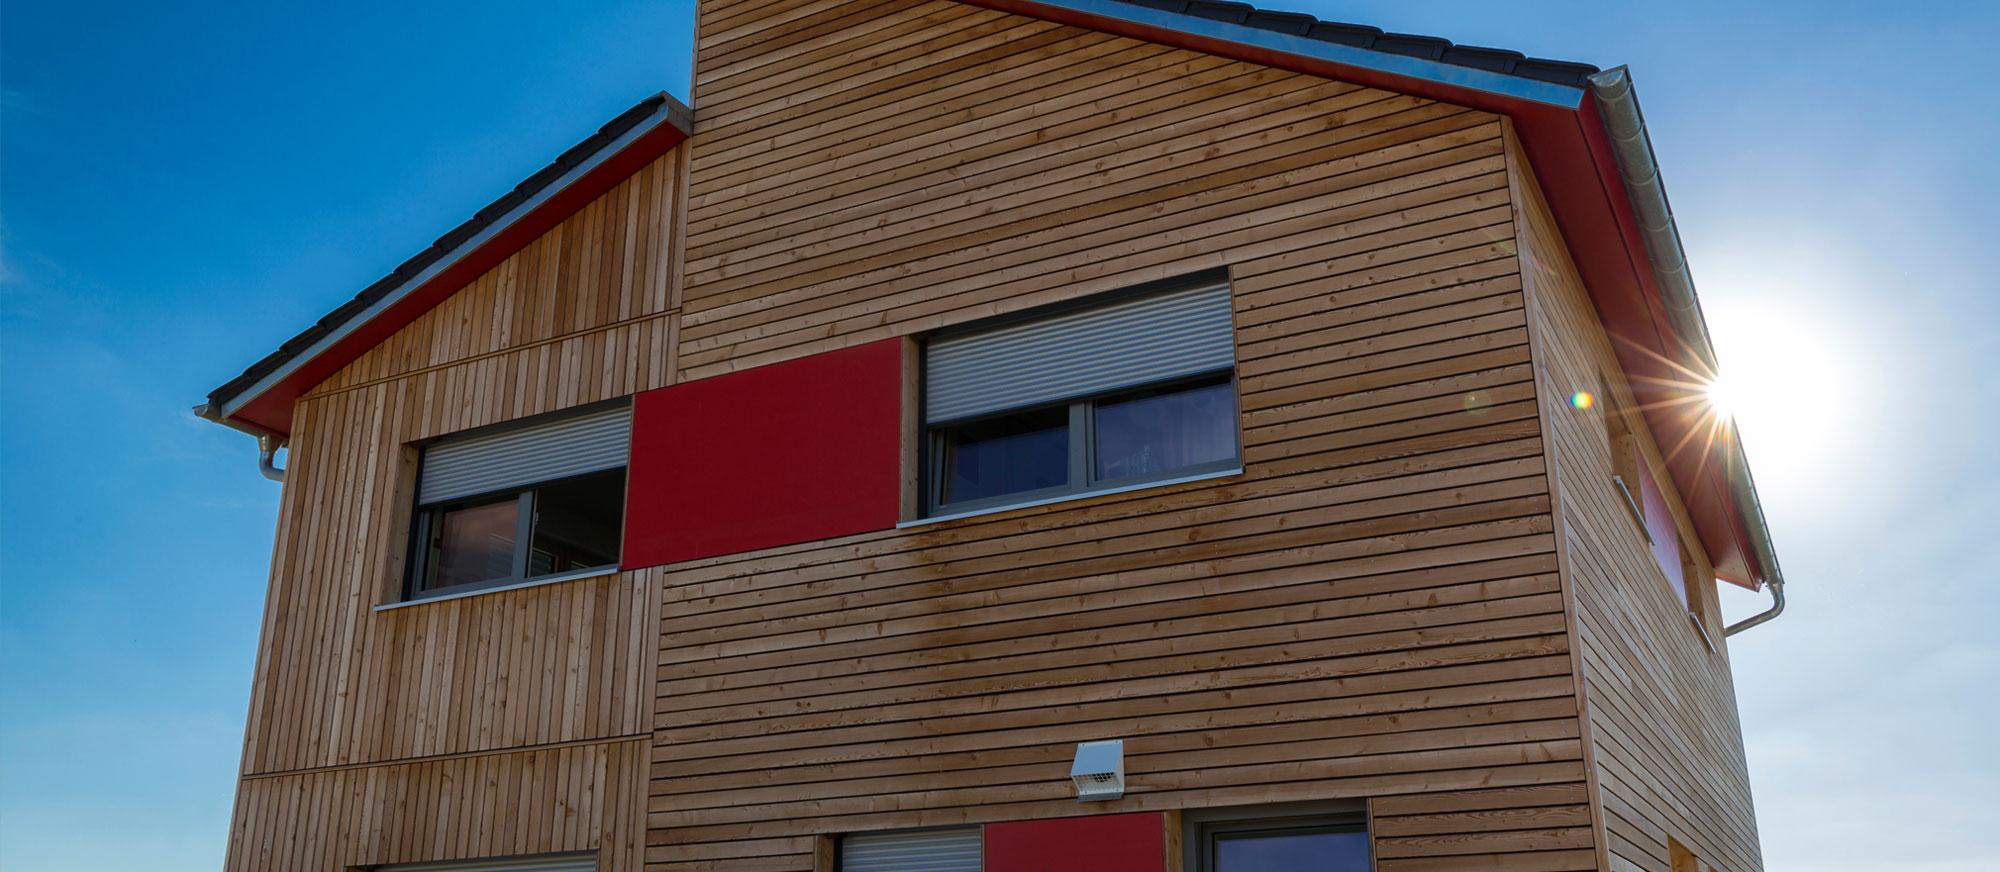 Fabelhaft Holzständerbauweise Anbau Kosten M2 Ideen Von 1